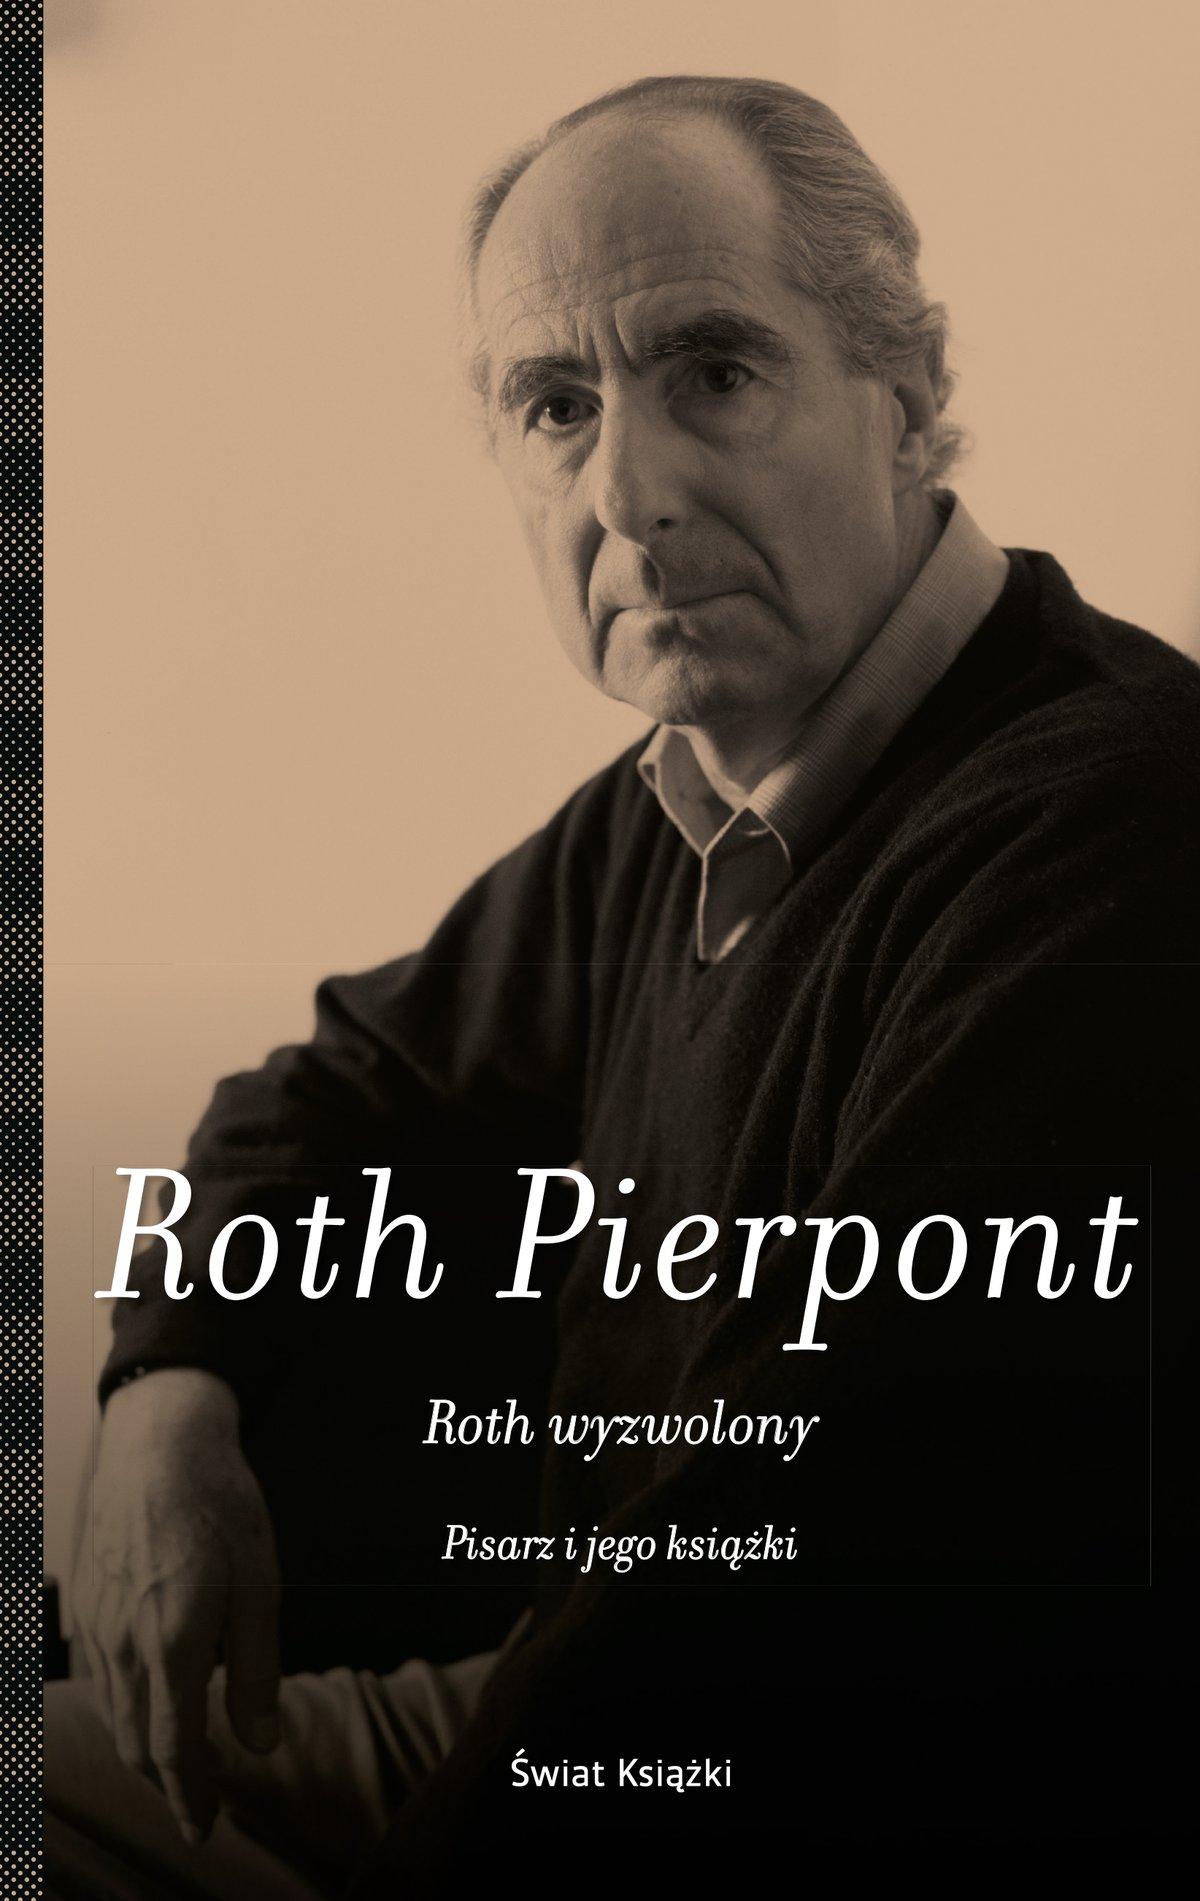 Roth wyzwolony. Pisarz i jego książki - Ebook (Książka na Kindle) do pobrania w formacie MOBI